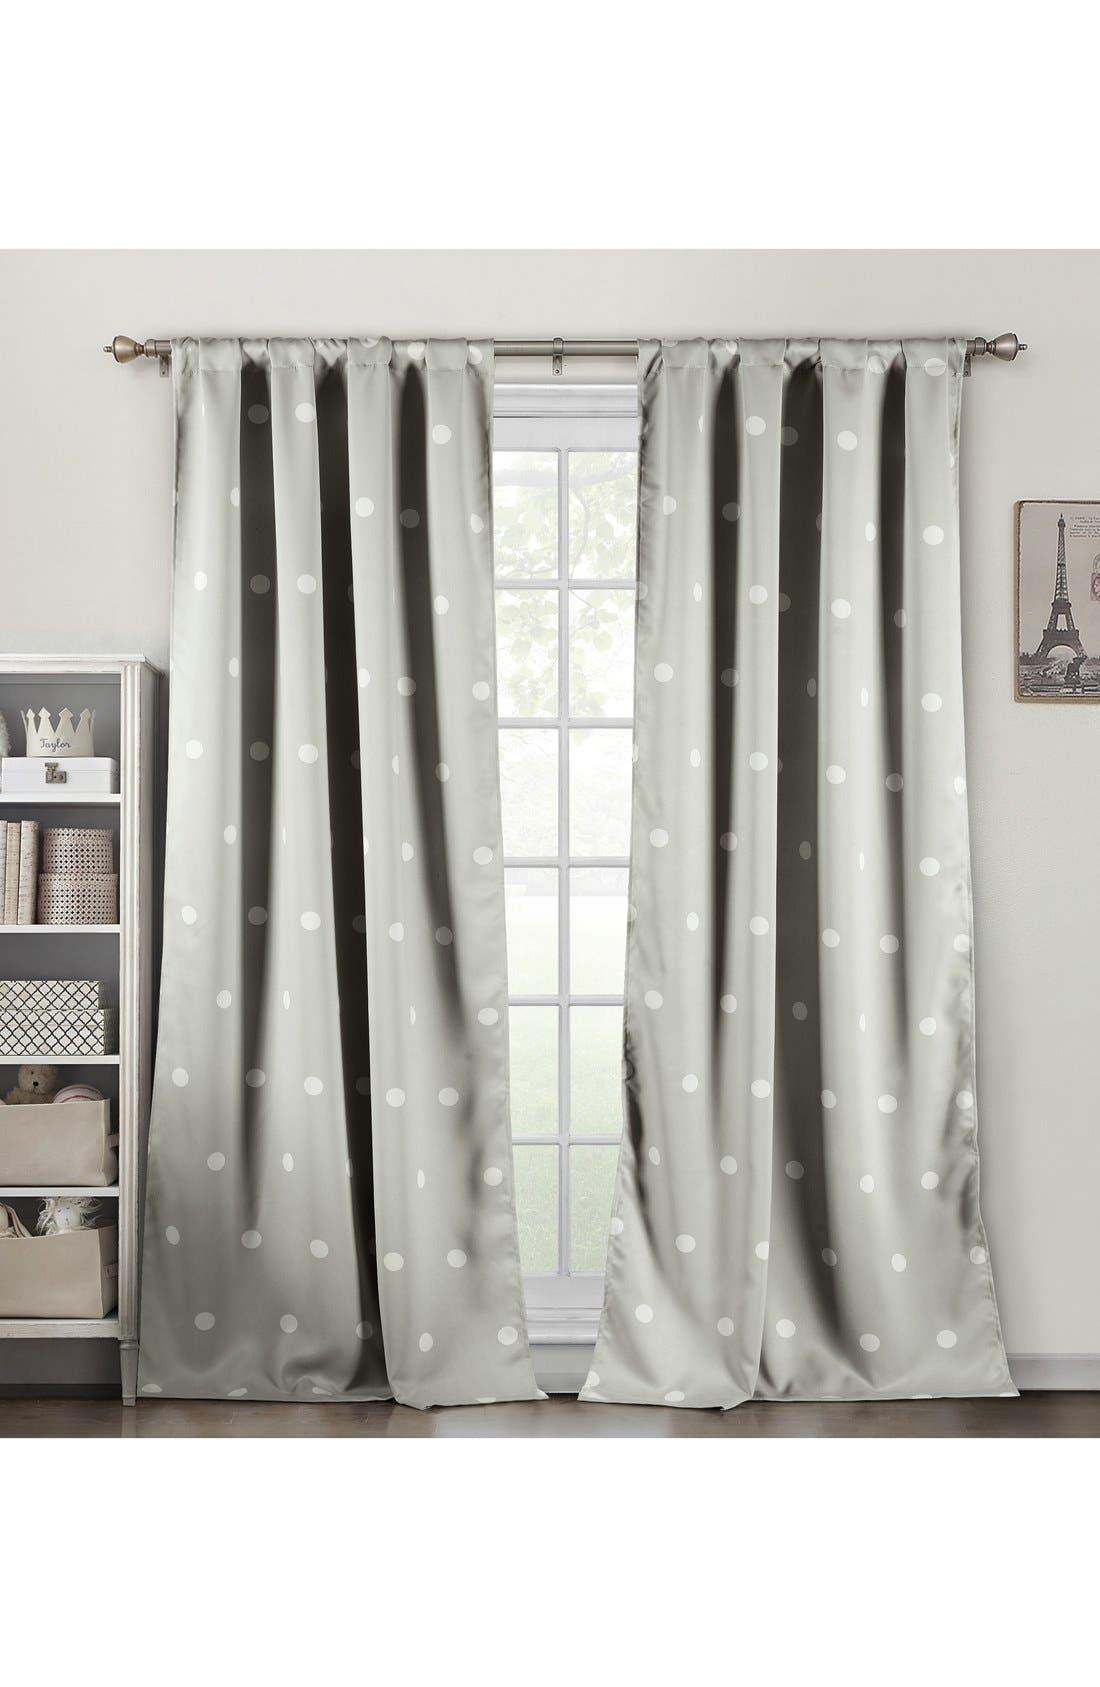 LALA + BASH 'Dottie' Window Panels